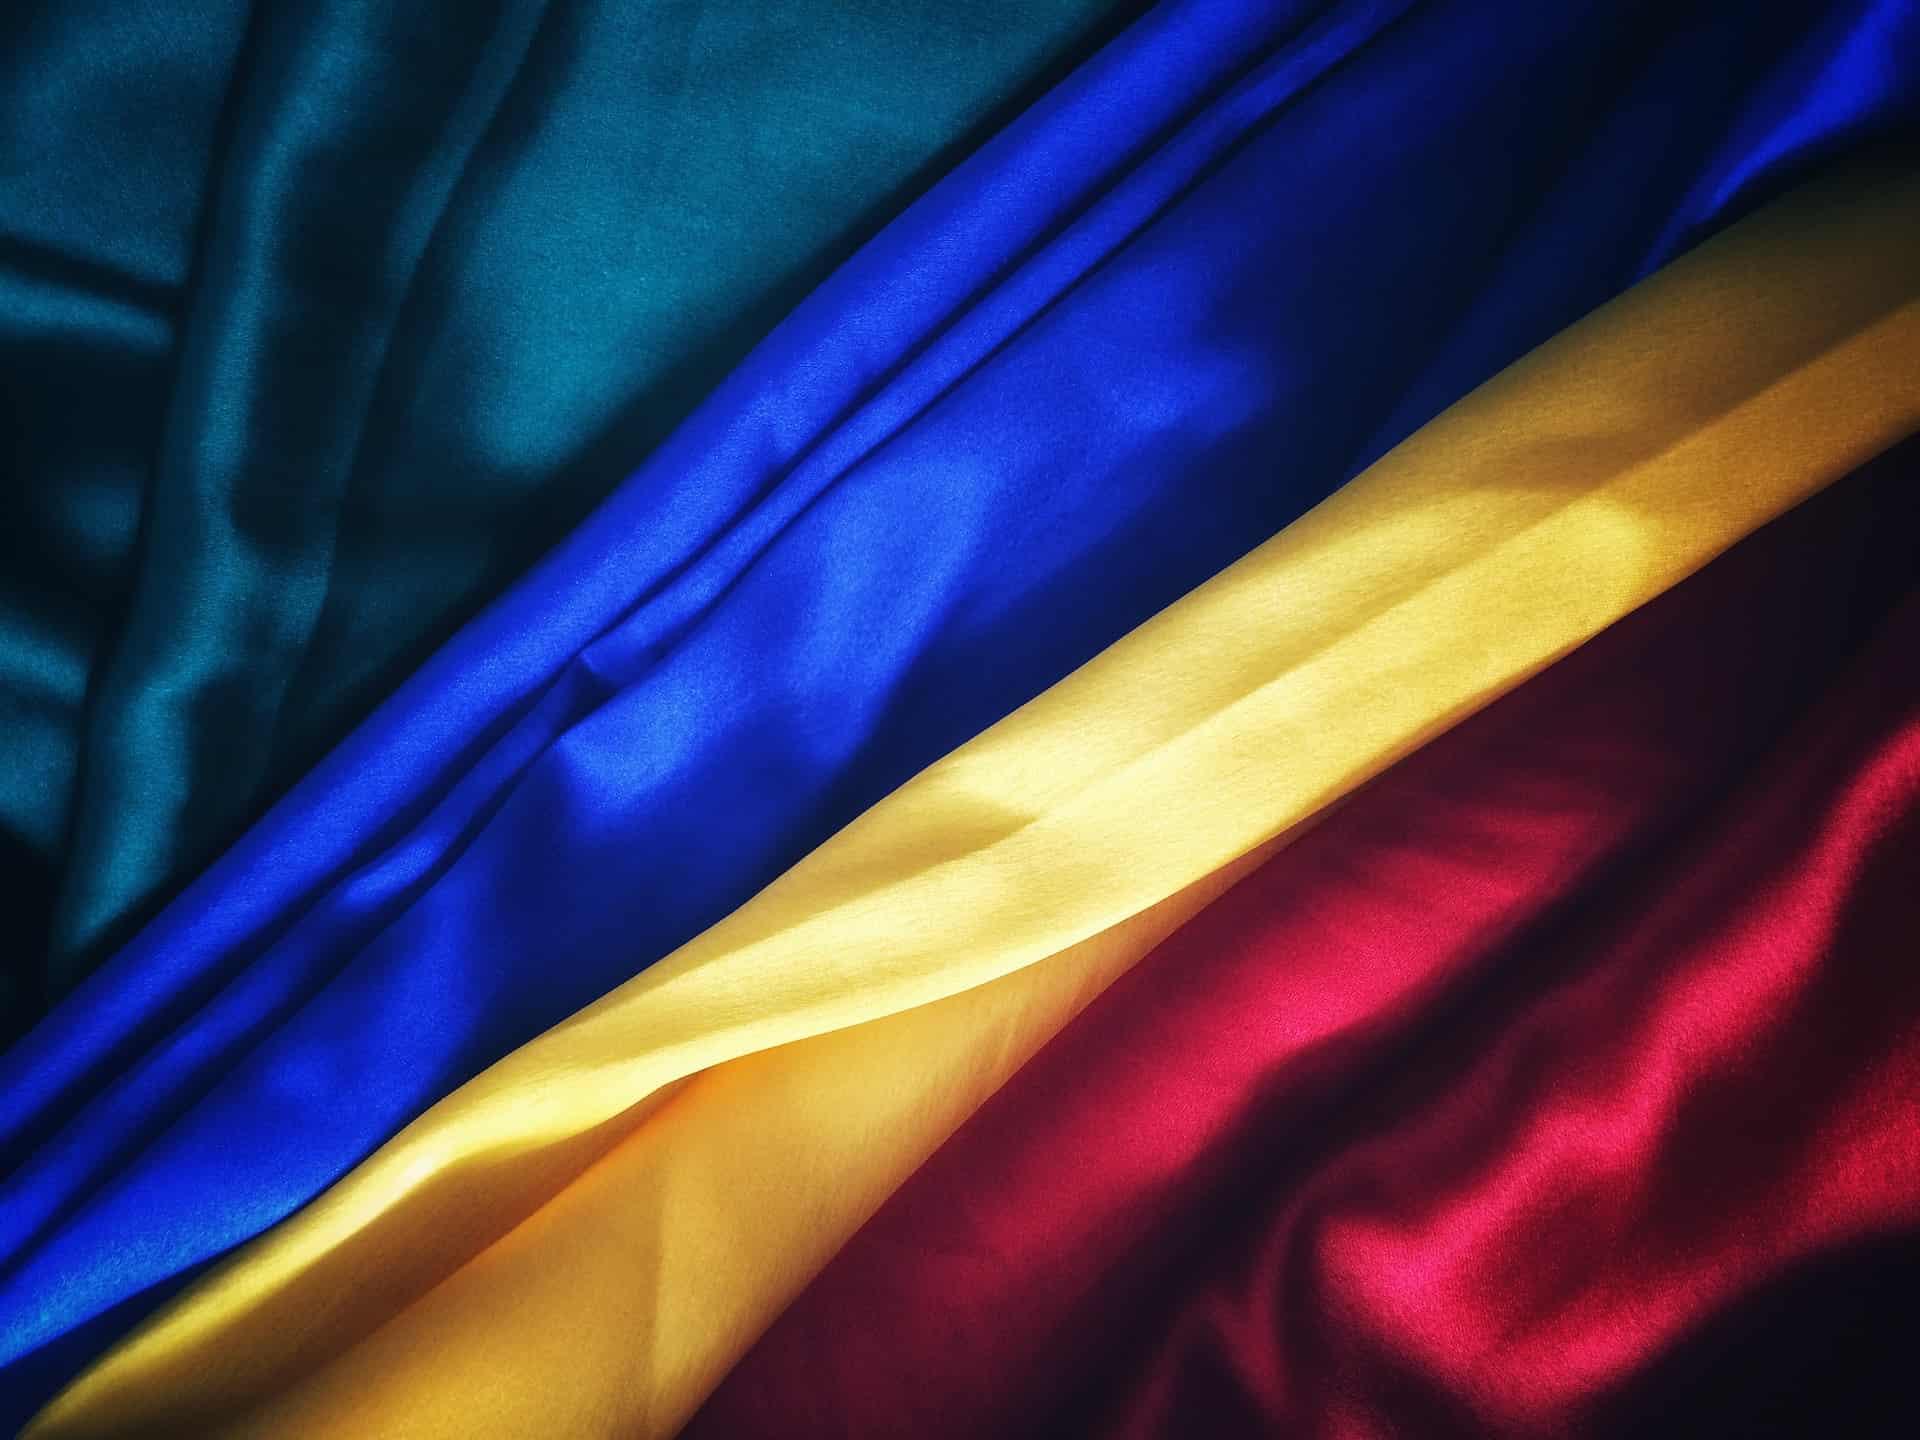 Stoffe in blau, gelb und rot, de Farben der rumänischen Flagge